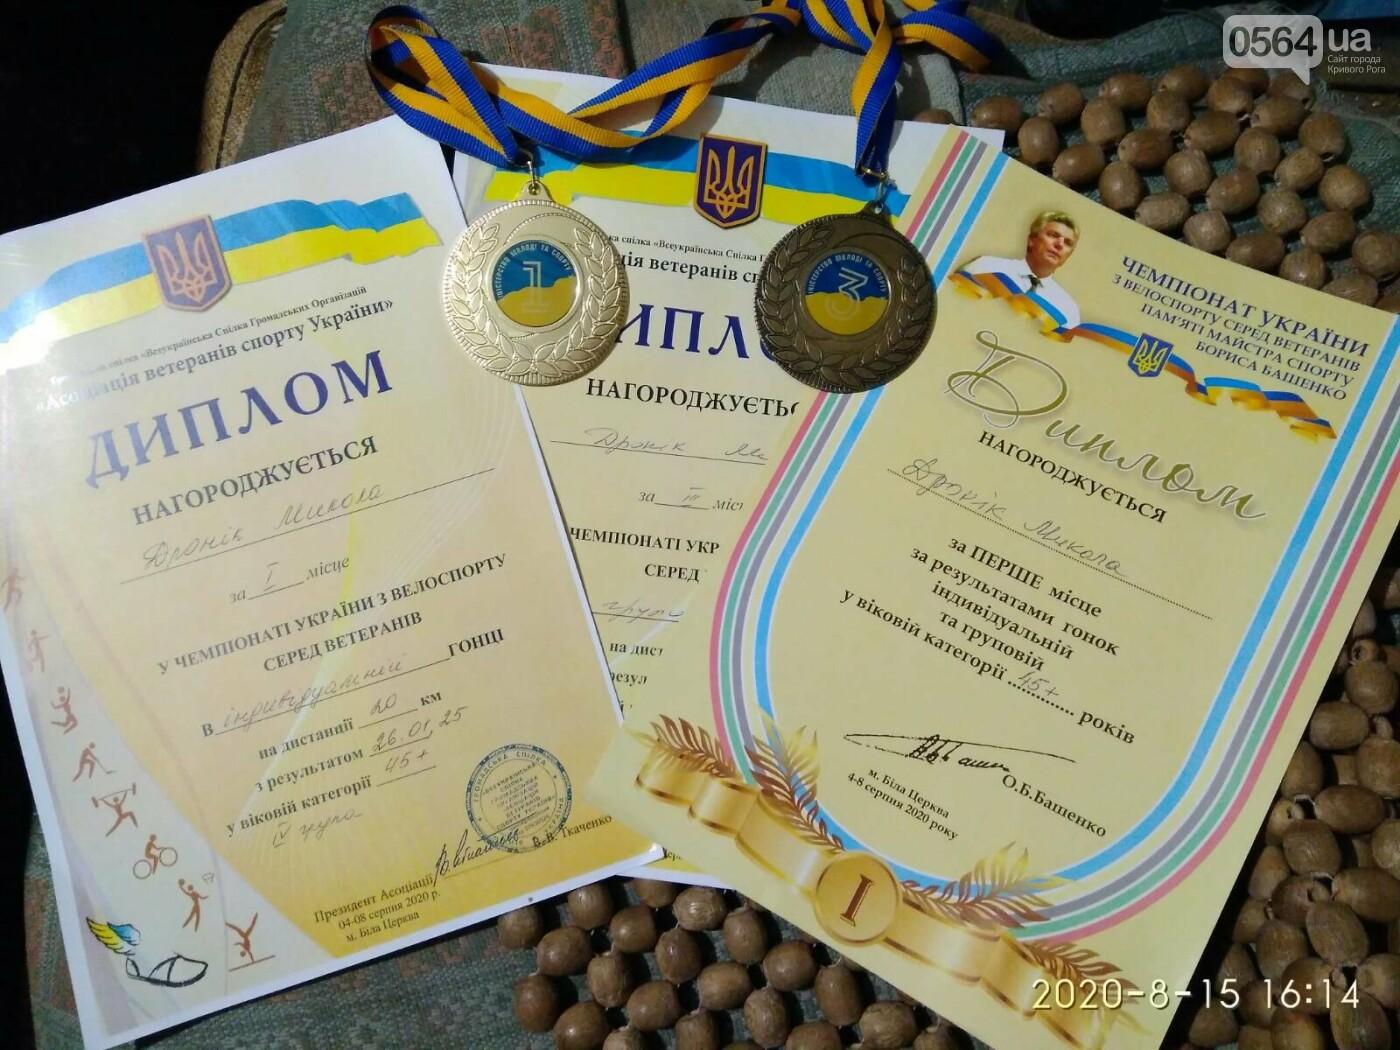 Велогонщики из Кривого Рога стали лучшими на чемпионате Украины среди ветеранов, - ФОТО, фото-7